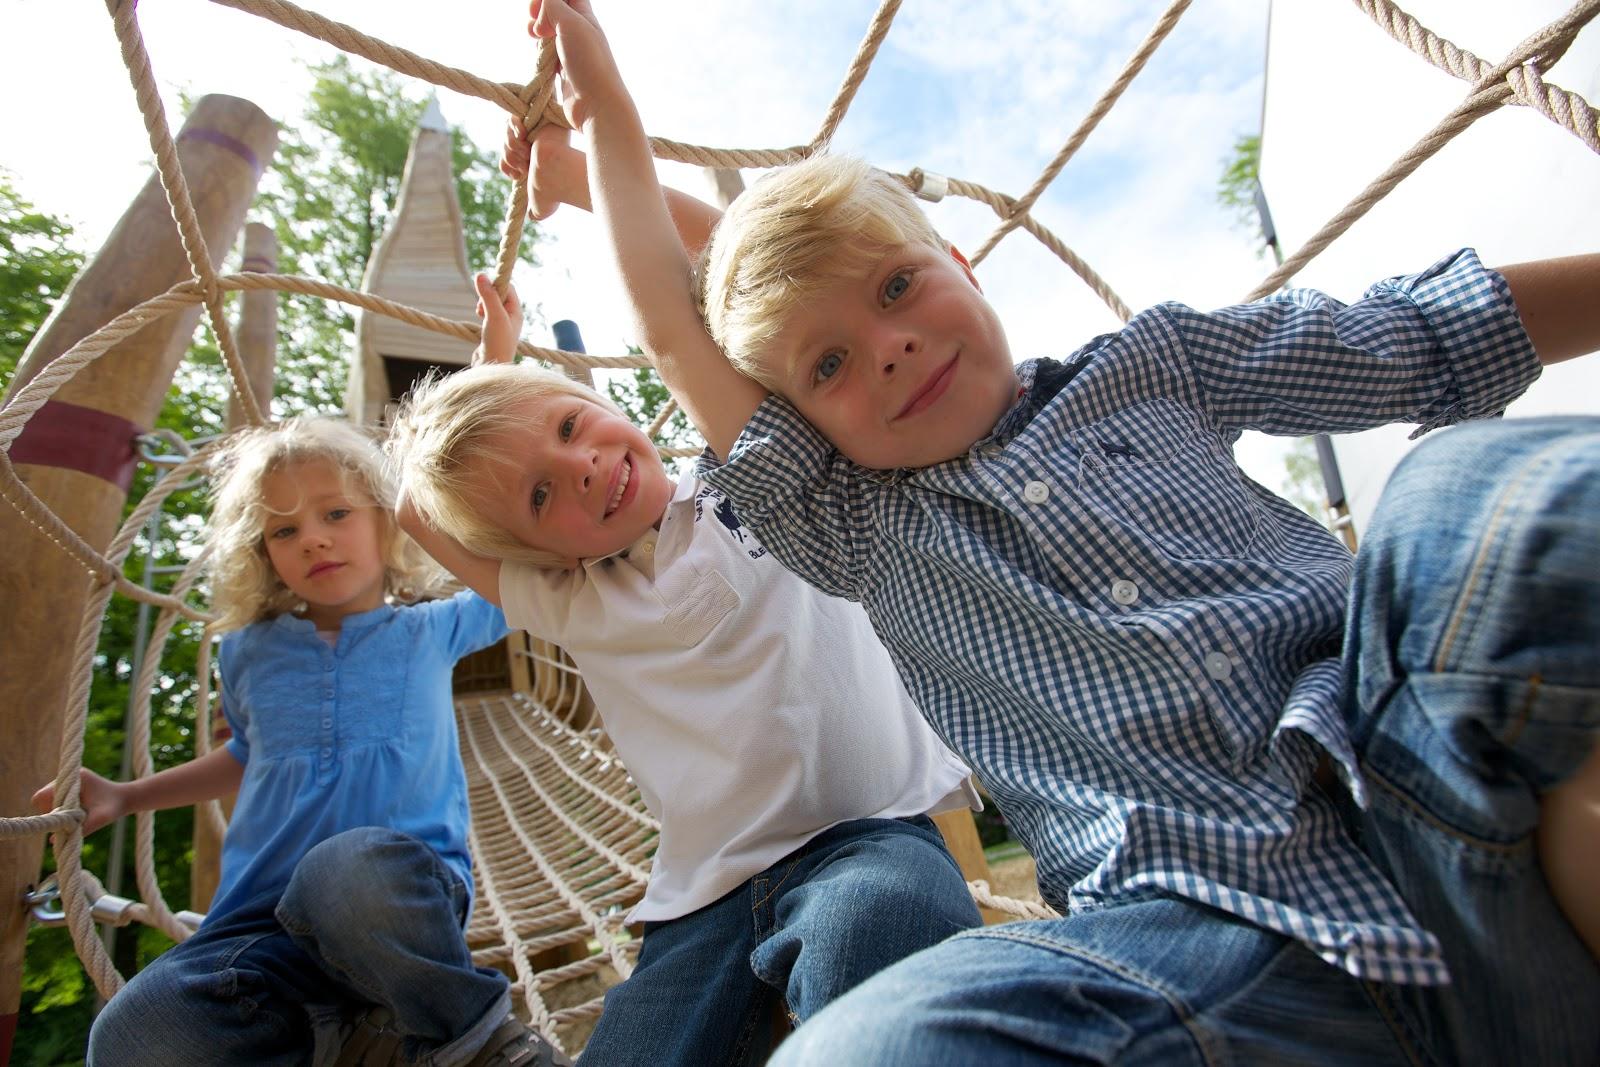 Hier siehst Du mehrere Kinder im Seilgerüst im Generationen-Aktiv-Park in Schömberg